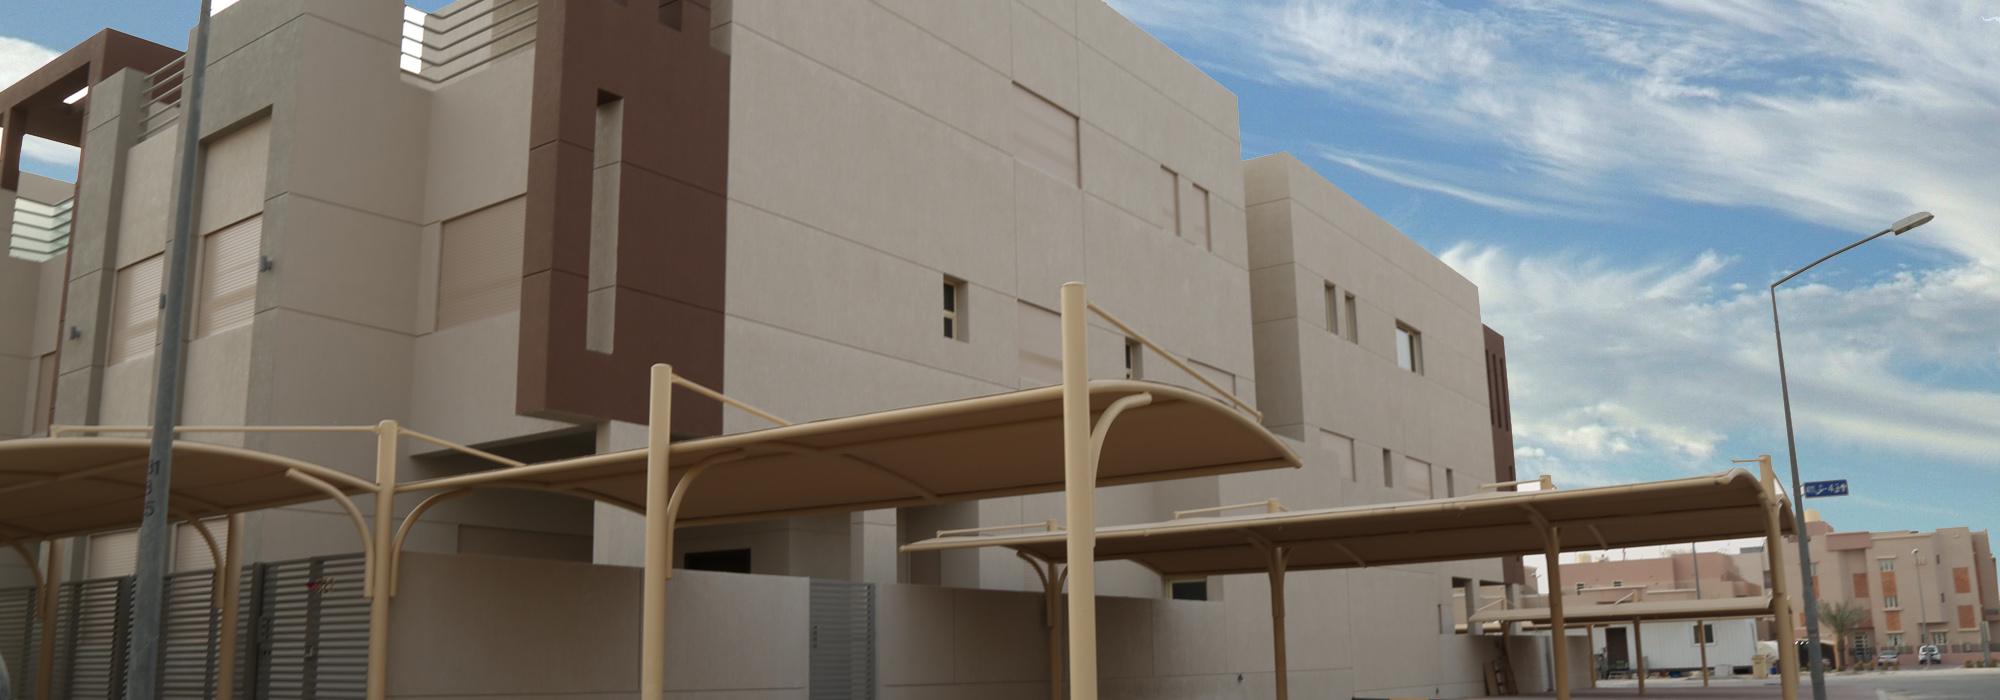 al siddiq villas kuwait 223